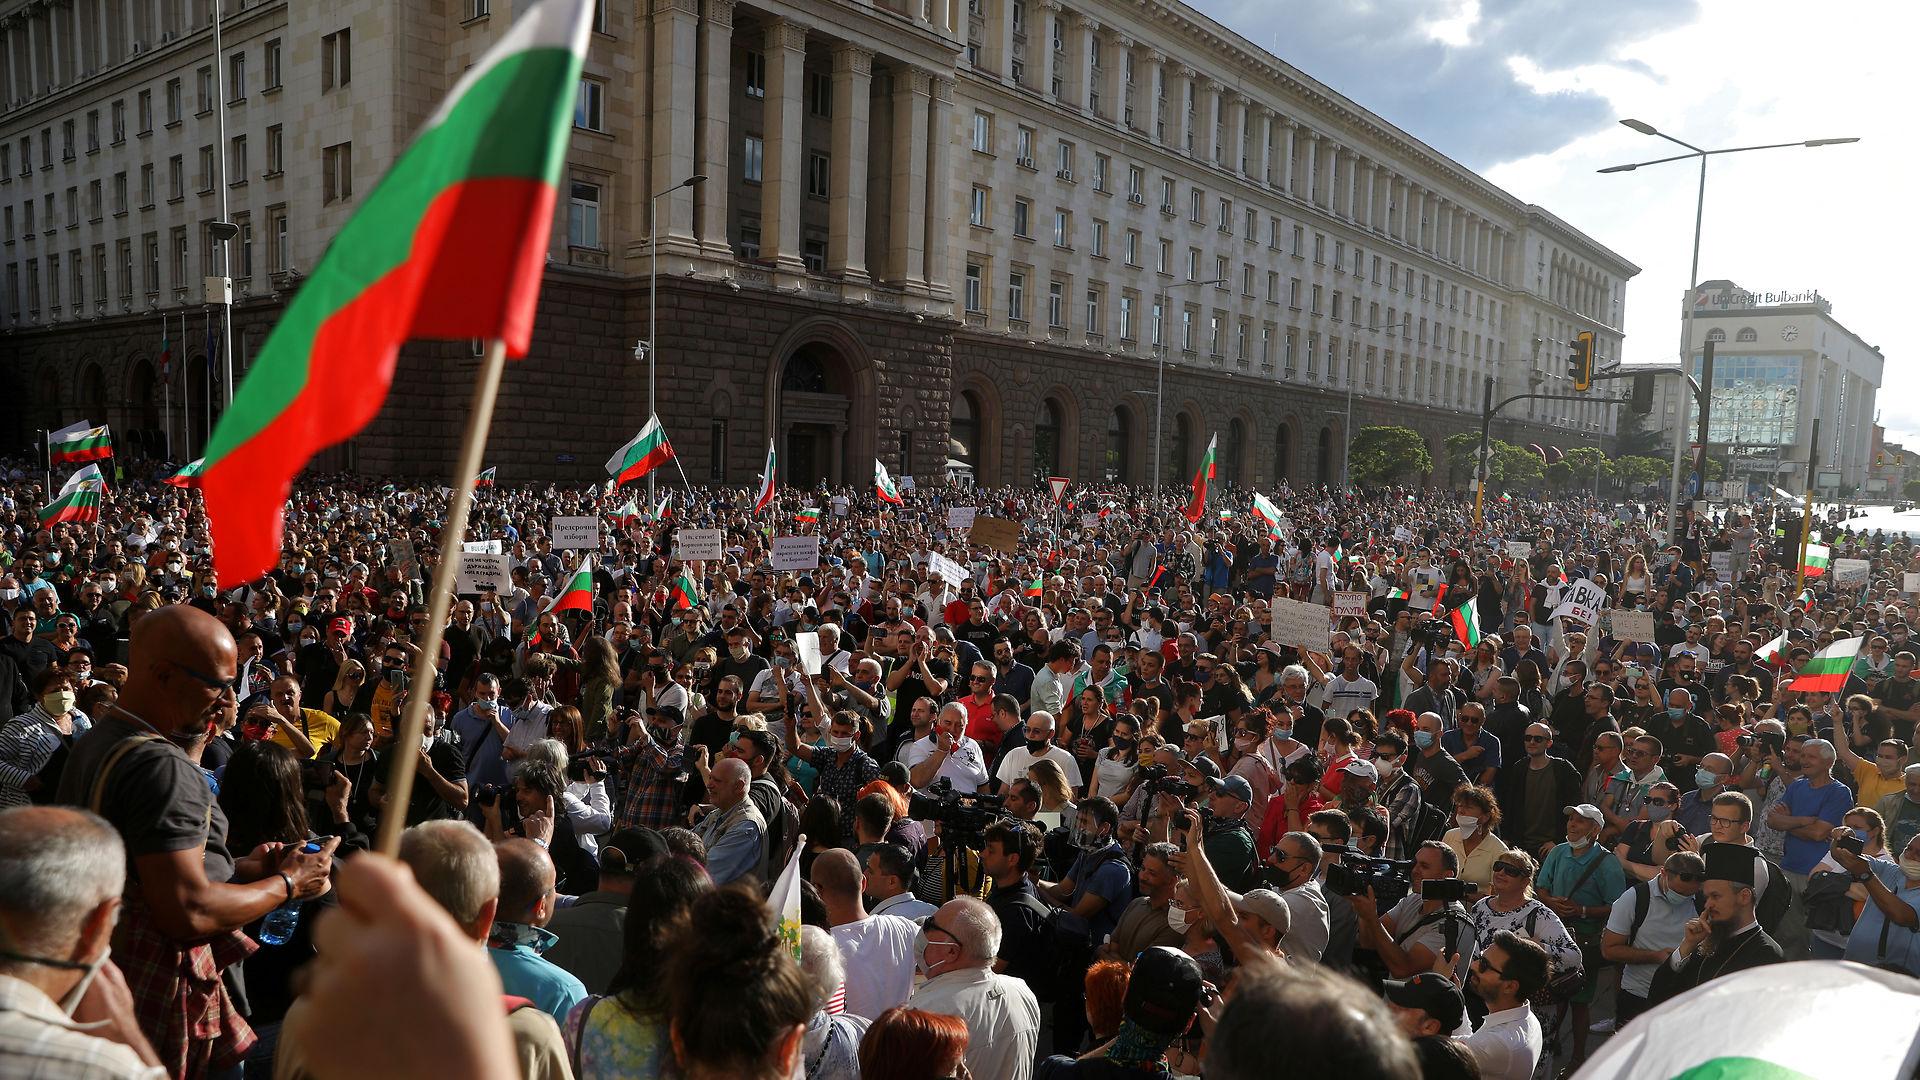 Peter Martin Kappel: Europæiske politikere forherliger Bulgariens korrupte oligarker i stedet for at støtte demonstranternes kamp